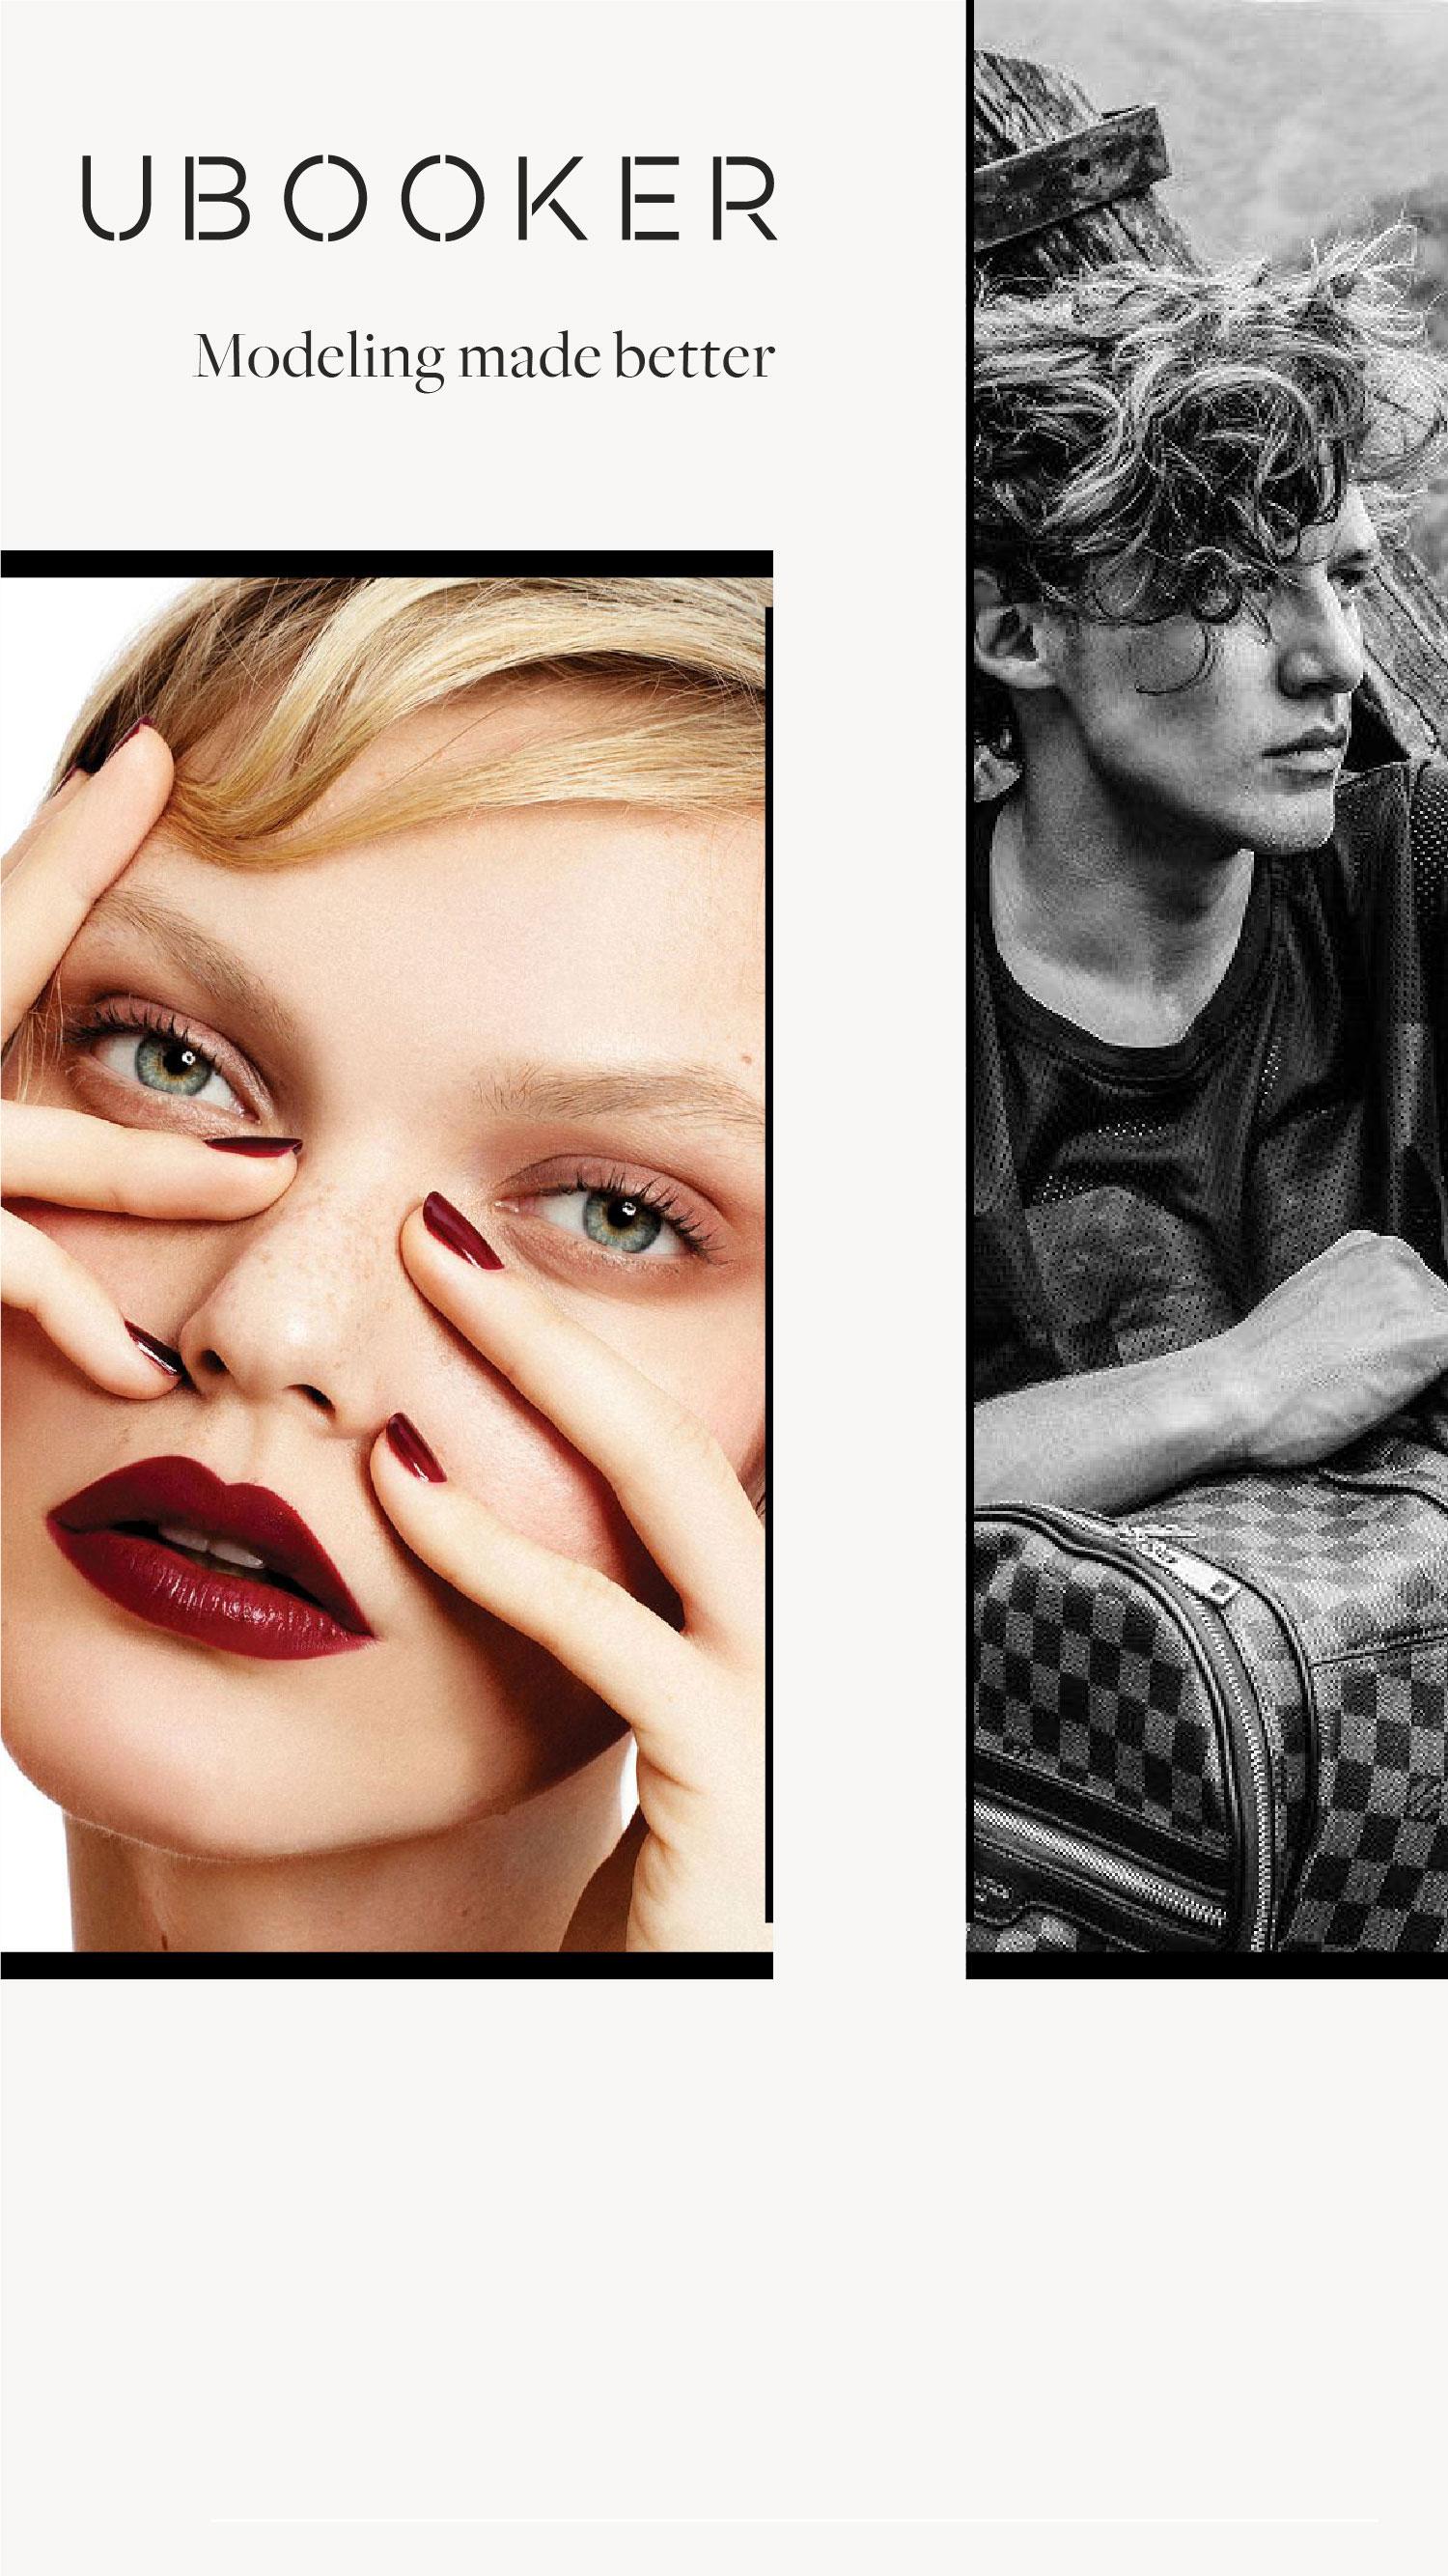 Models | Book Modeling Jobs Online | UBOOKER